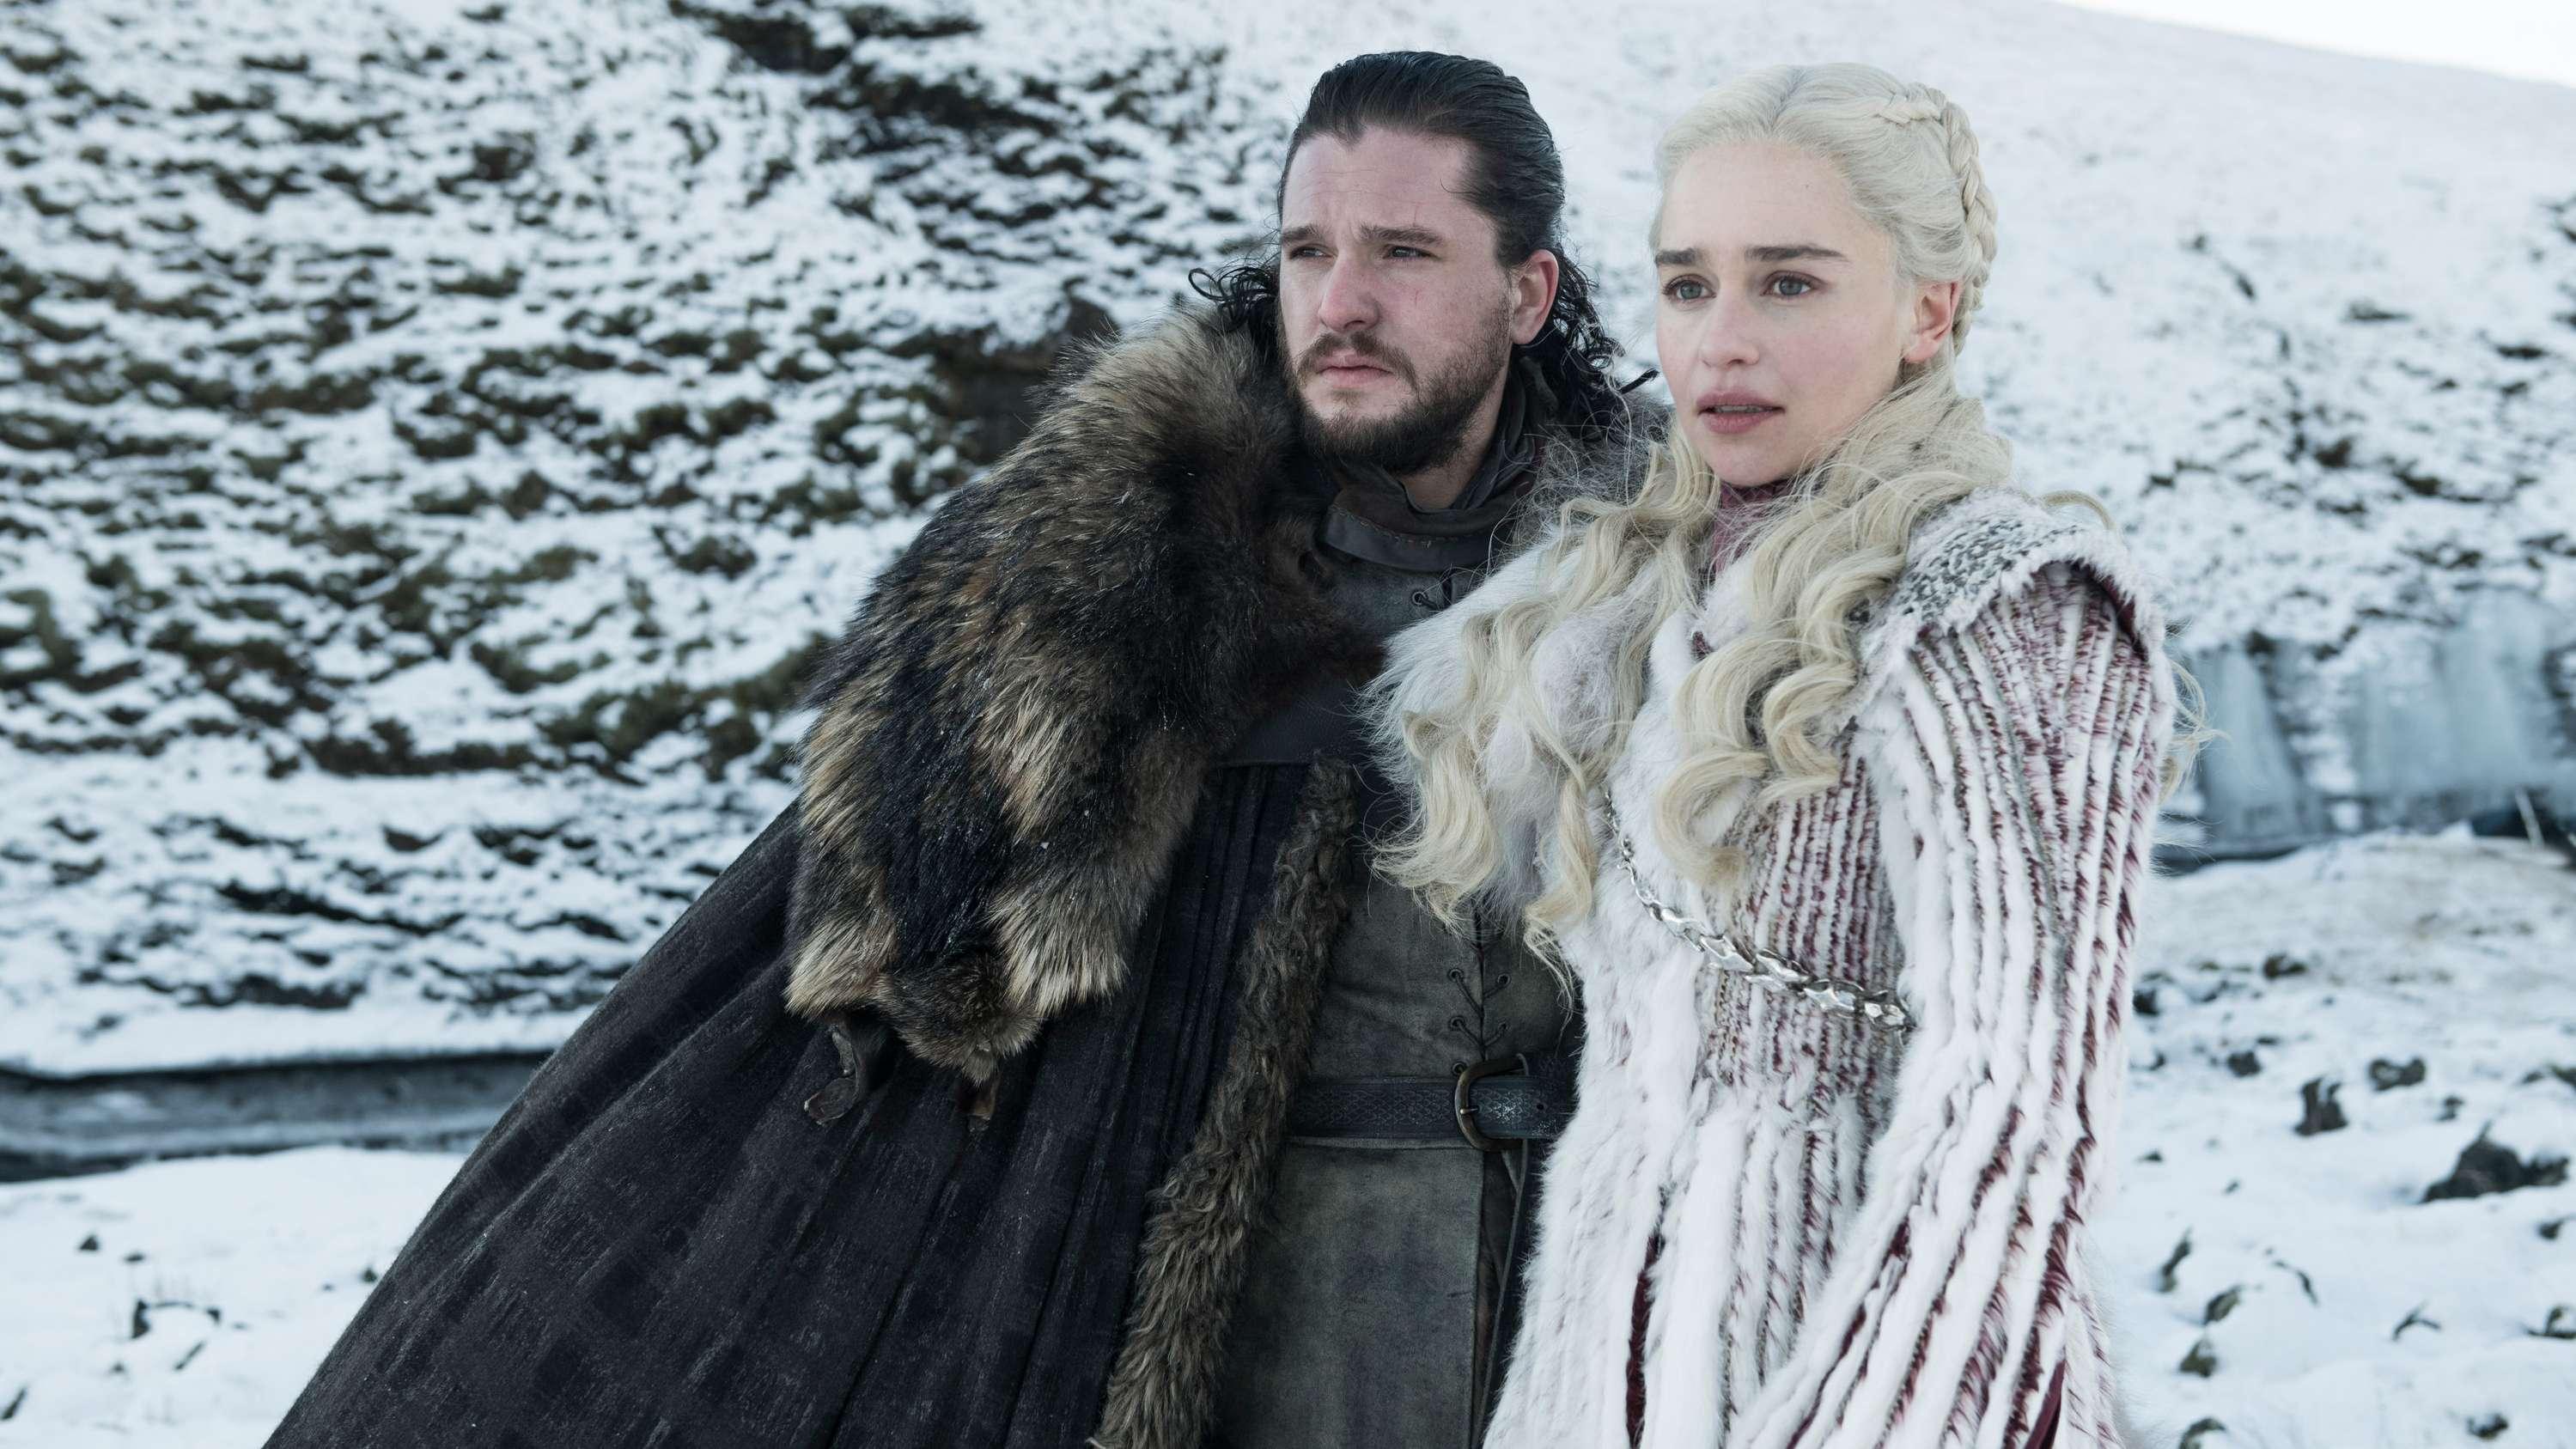 """Kit Harington als Jon Schnee und Emilia Clarke als Daenerys Targaryen in einer Folge der achten Staffel der Serie """"Games of Thrones"""""""